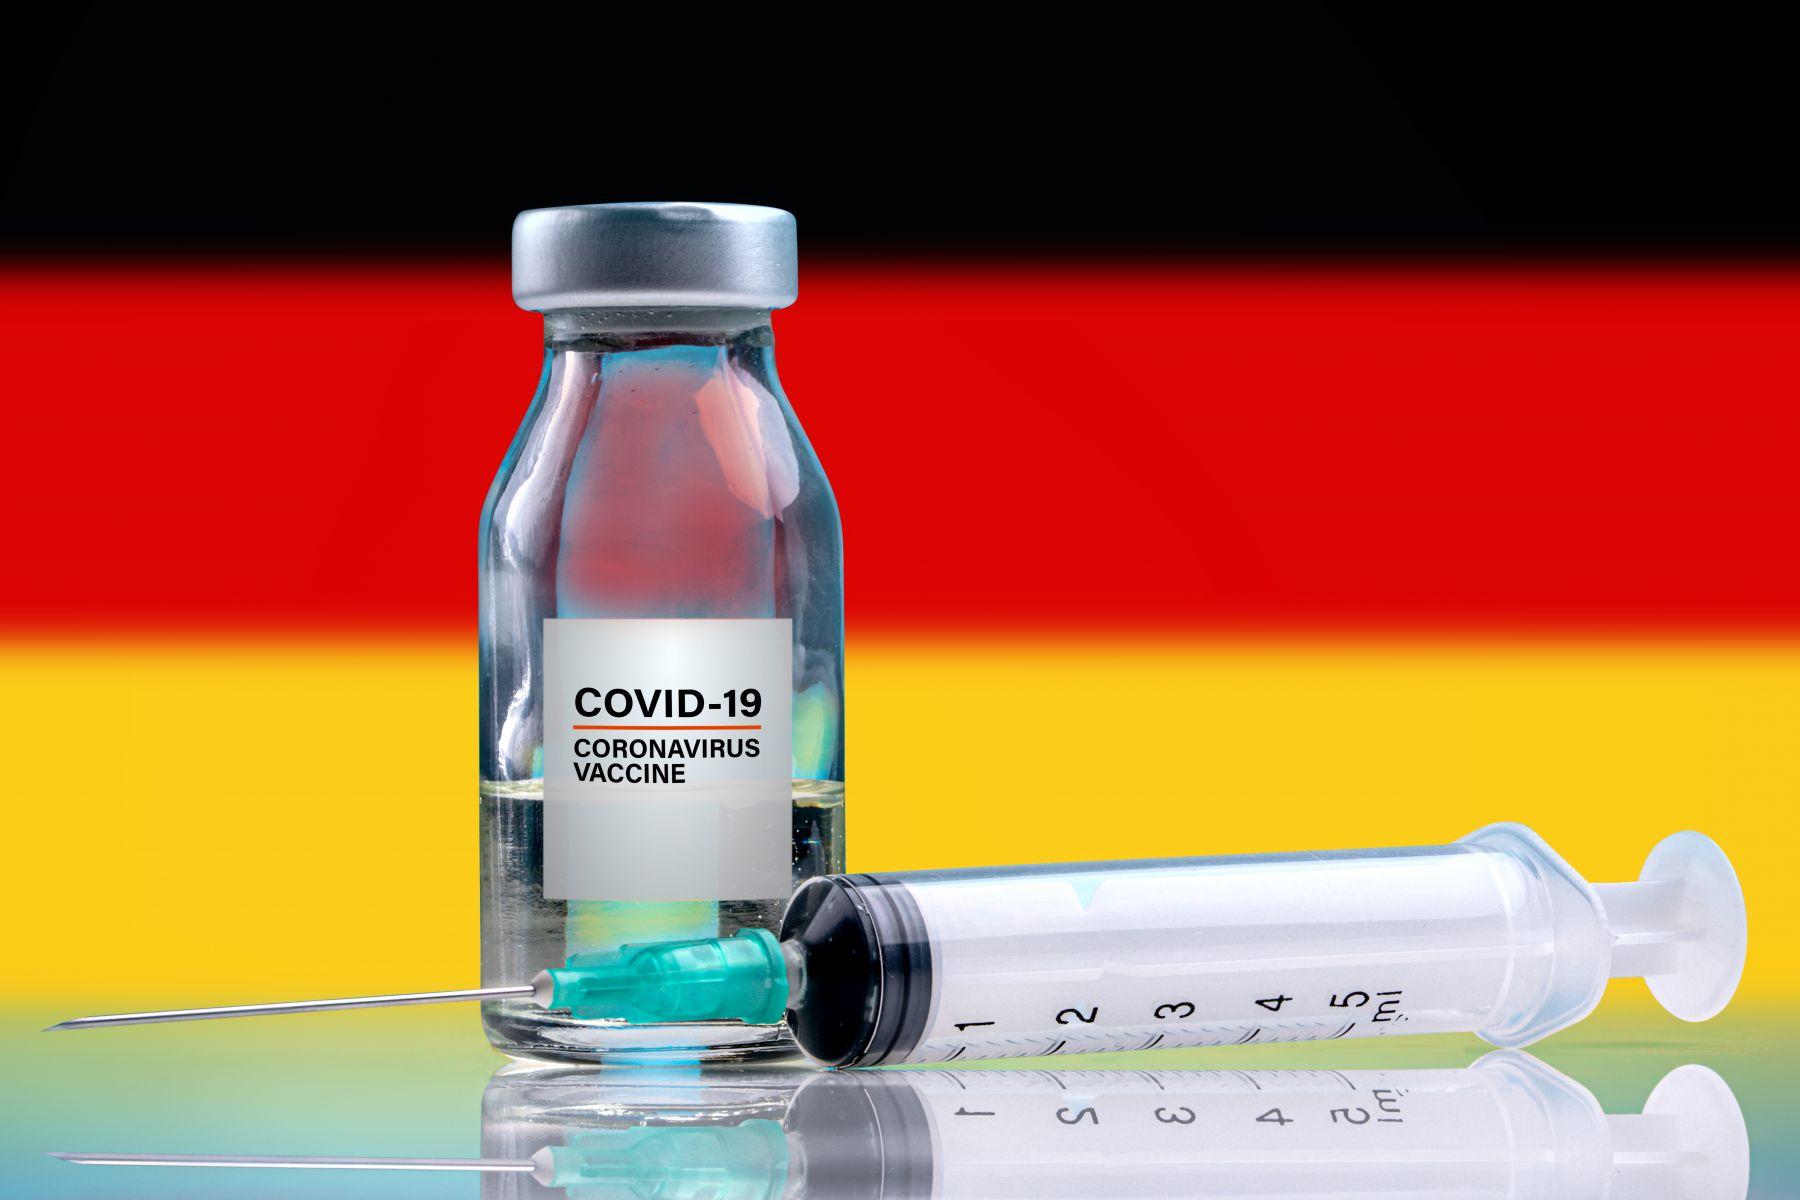 為何台灣可望拿到全球第一款武漢肺炎疫苗? 「其實,我們當初也不知道!」